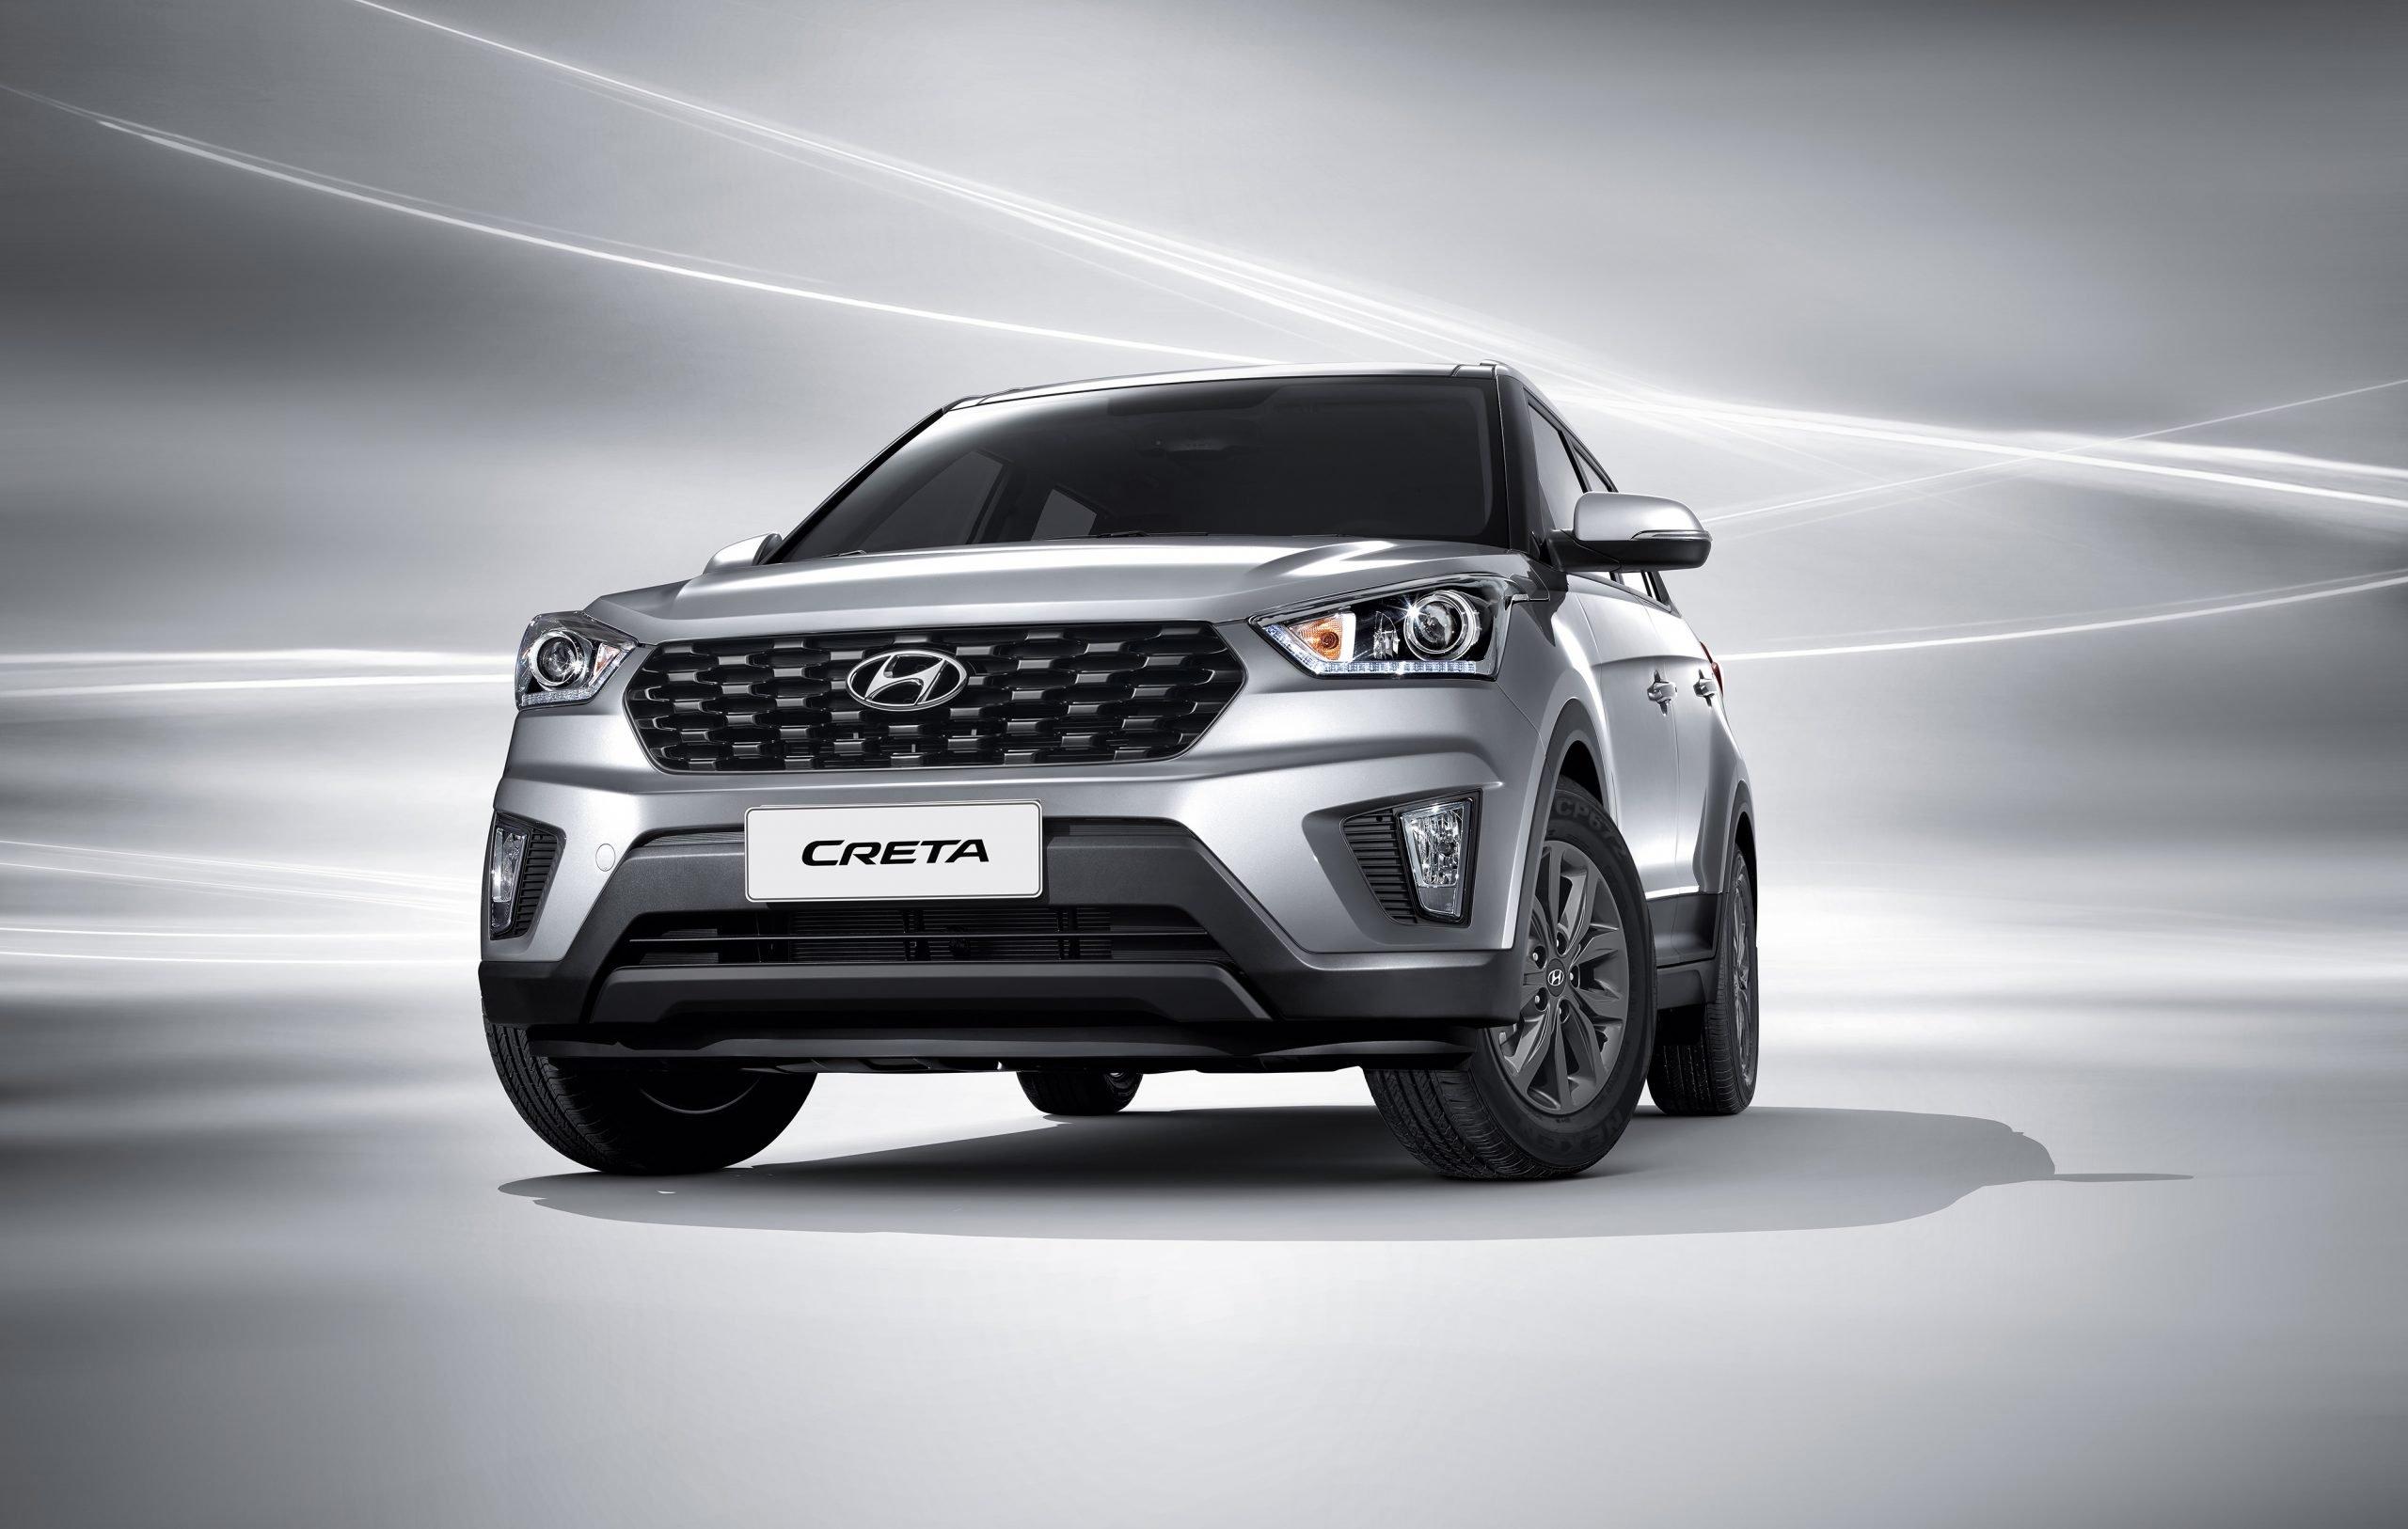 Обновлённый кроссовер Hyundai Creta готов к выходу на российский рынок